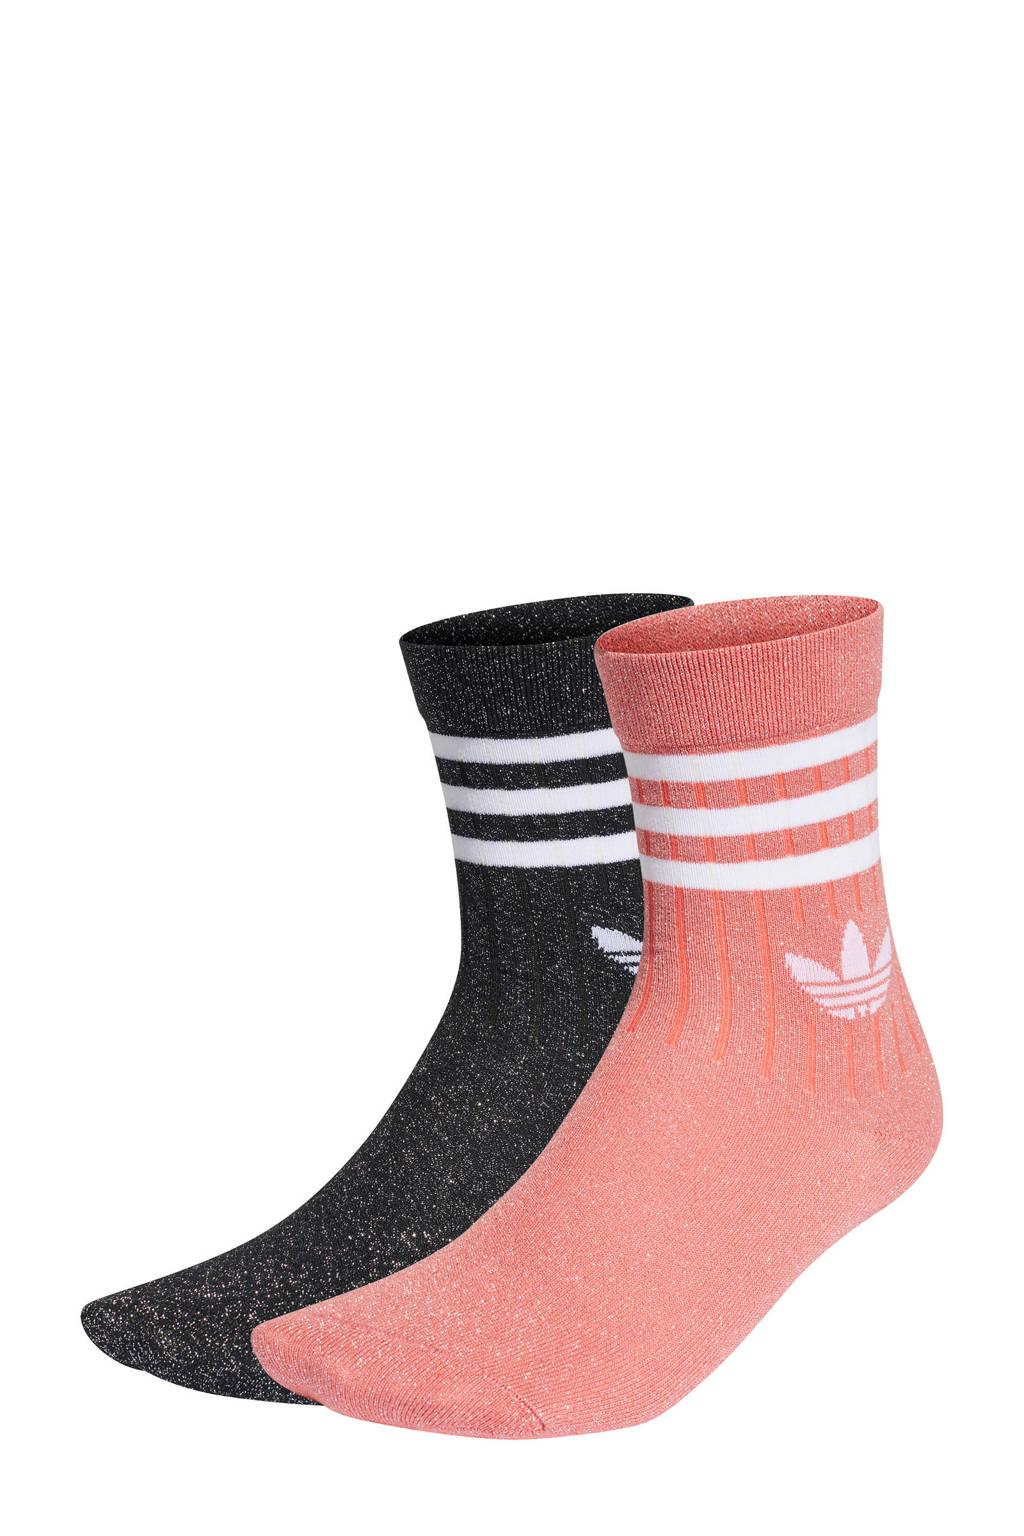 adidas Originals sokken (set van 2), Zwart/rood